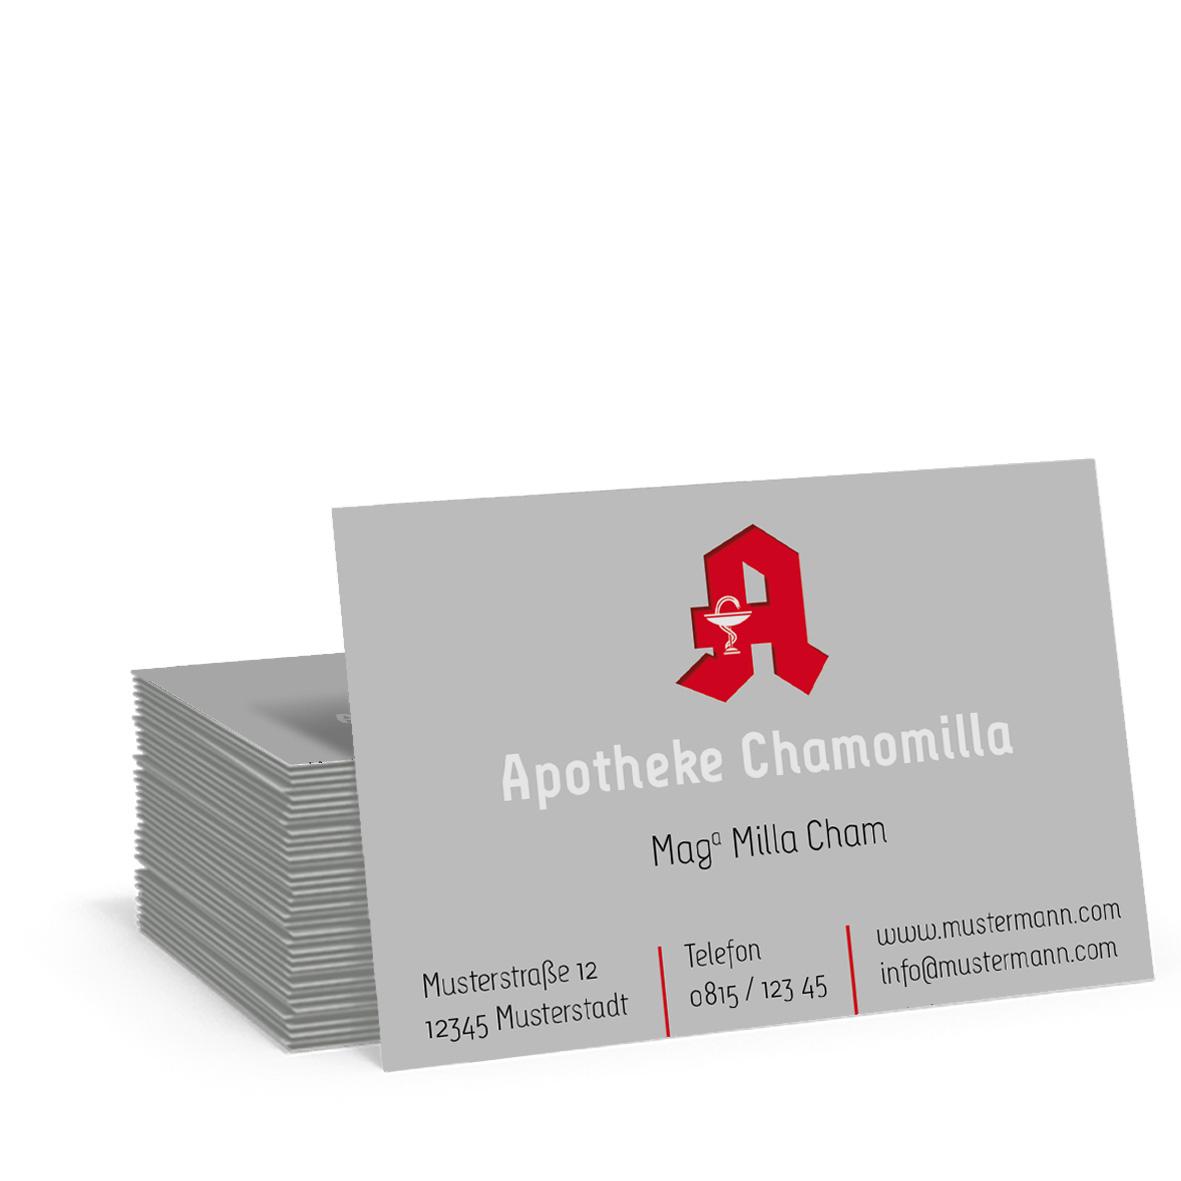 Pythagoras Marketing Gmbh Geschäftskarte Geschenkgutscheine Visitenkarten Kundenkarten Und Weitere Treuesysteme